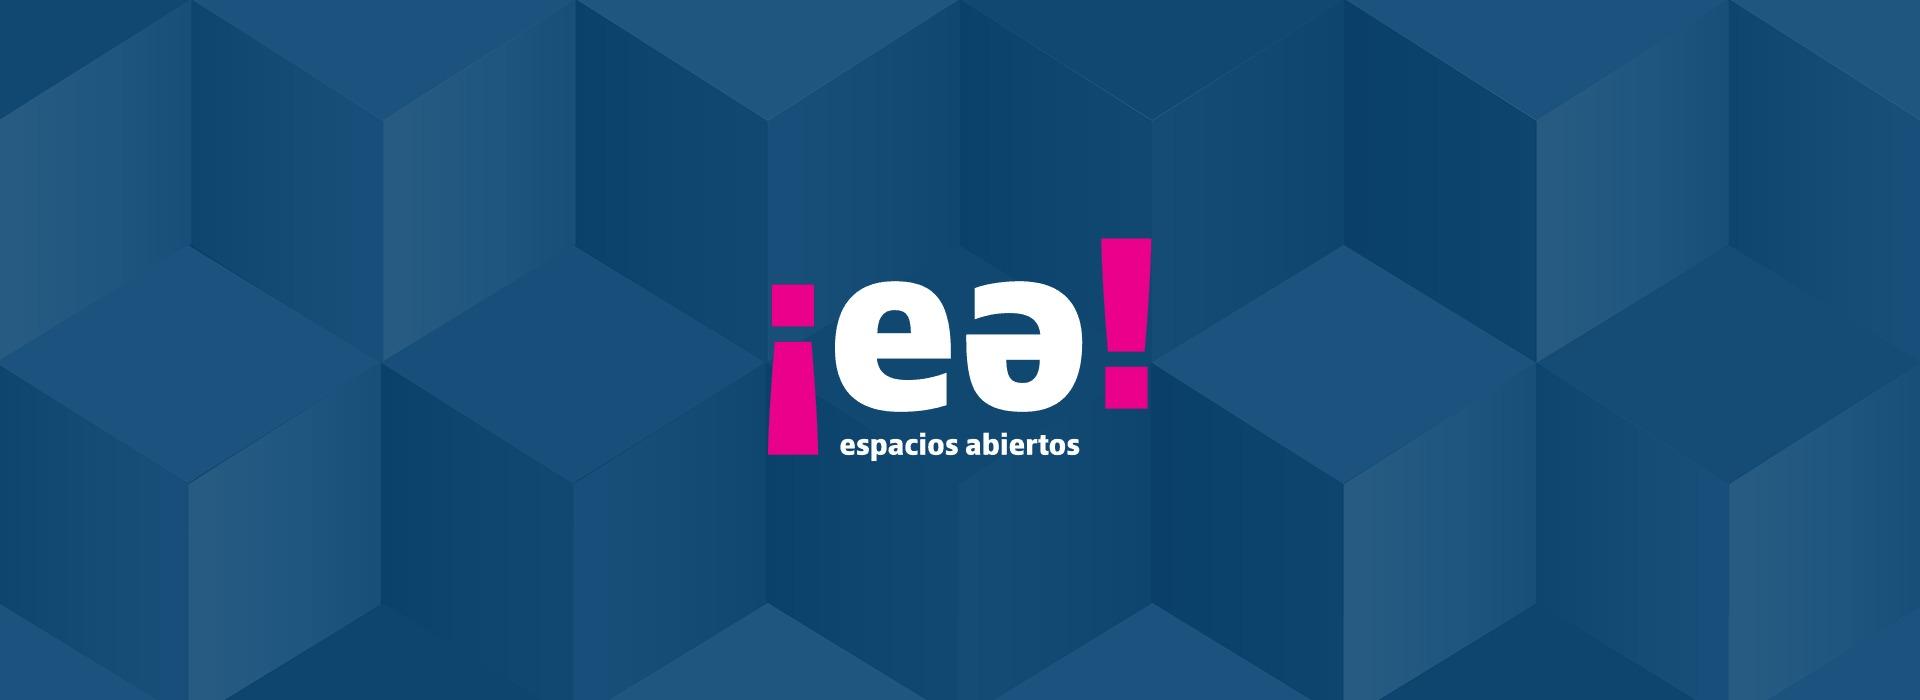 compartirespaciosabiertos-ffde3b488249c3121b66cb0573cf67ea.jpg